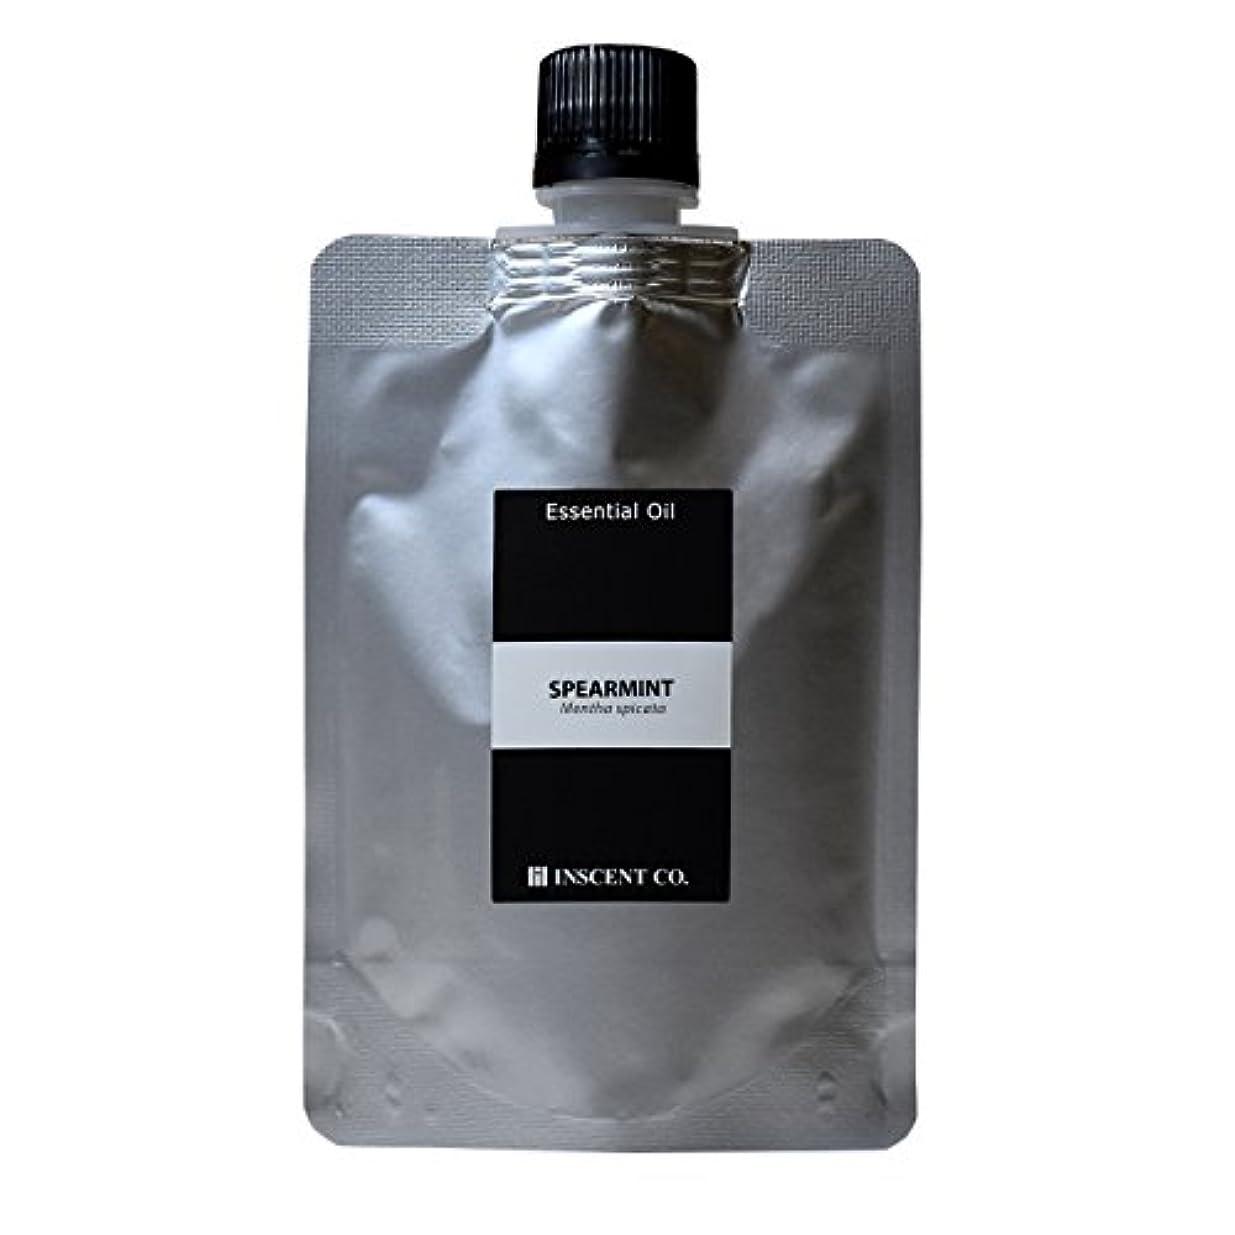 泥沼スキャン針(詰替用 アルミパック) スペアミント 100ml インセント アロマオイル AEAJ 表示基準適合認定精油